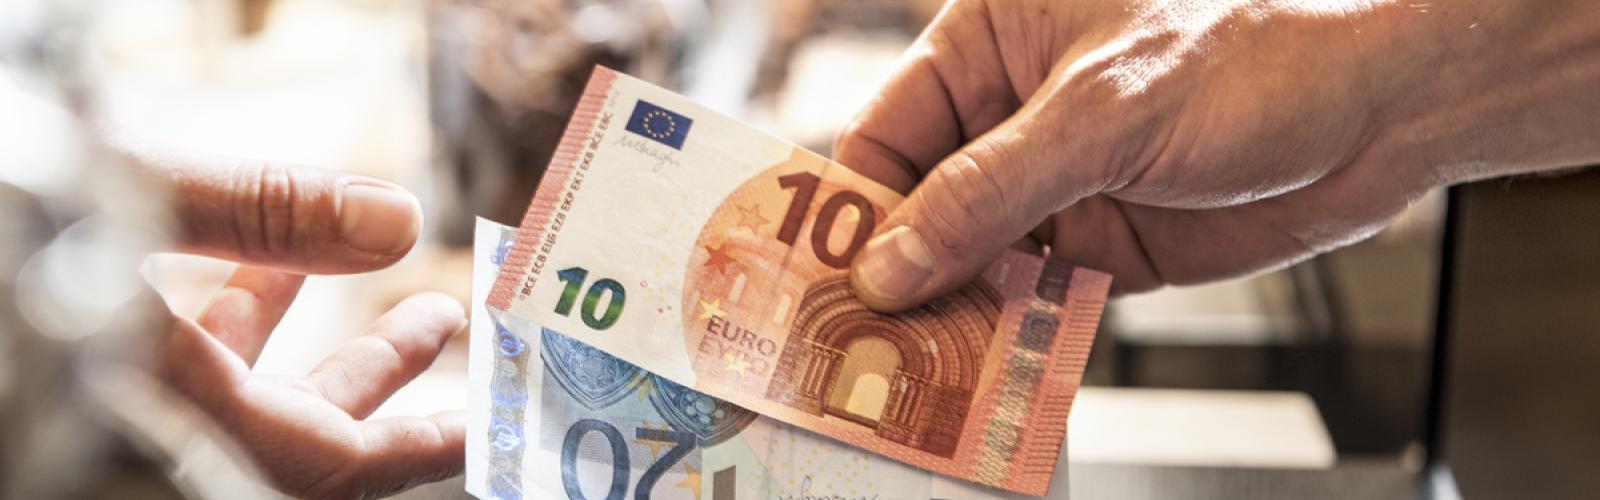 Betaling met contant geld